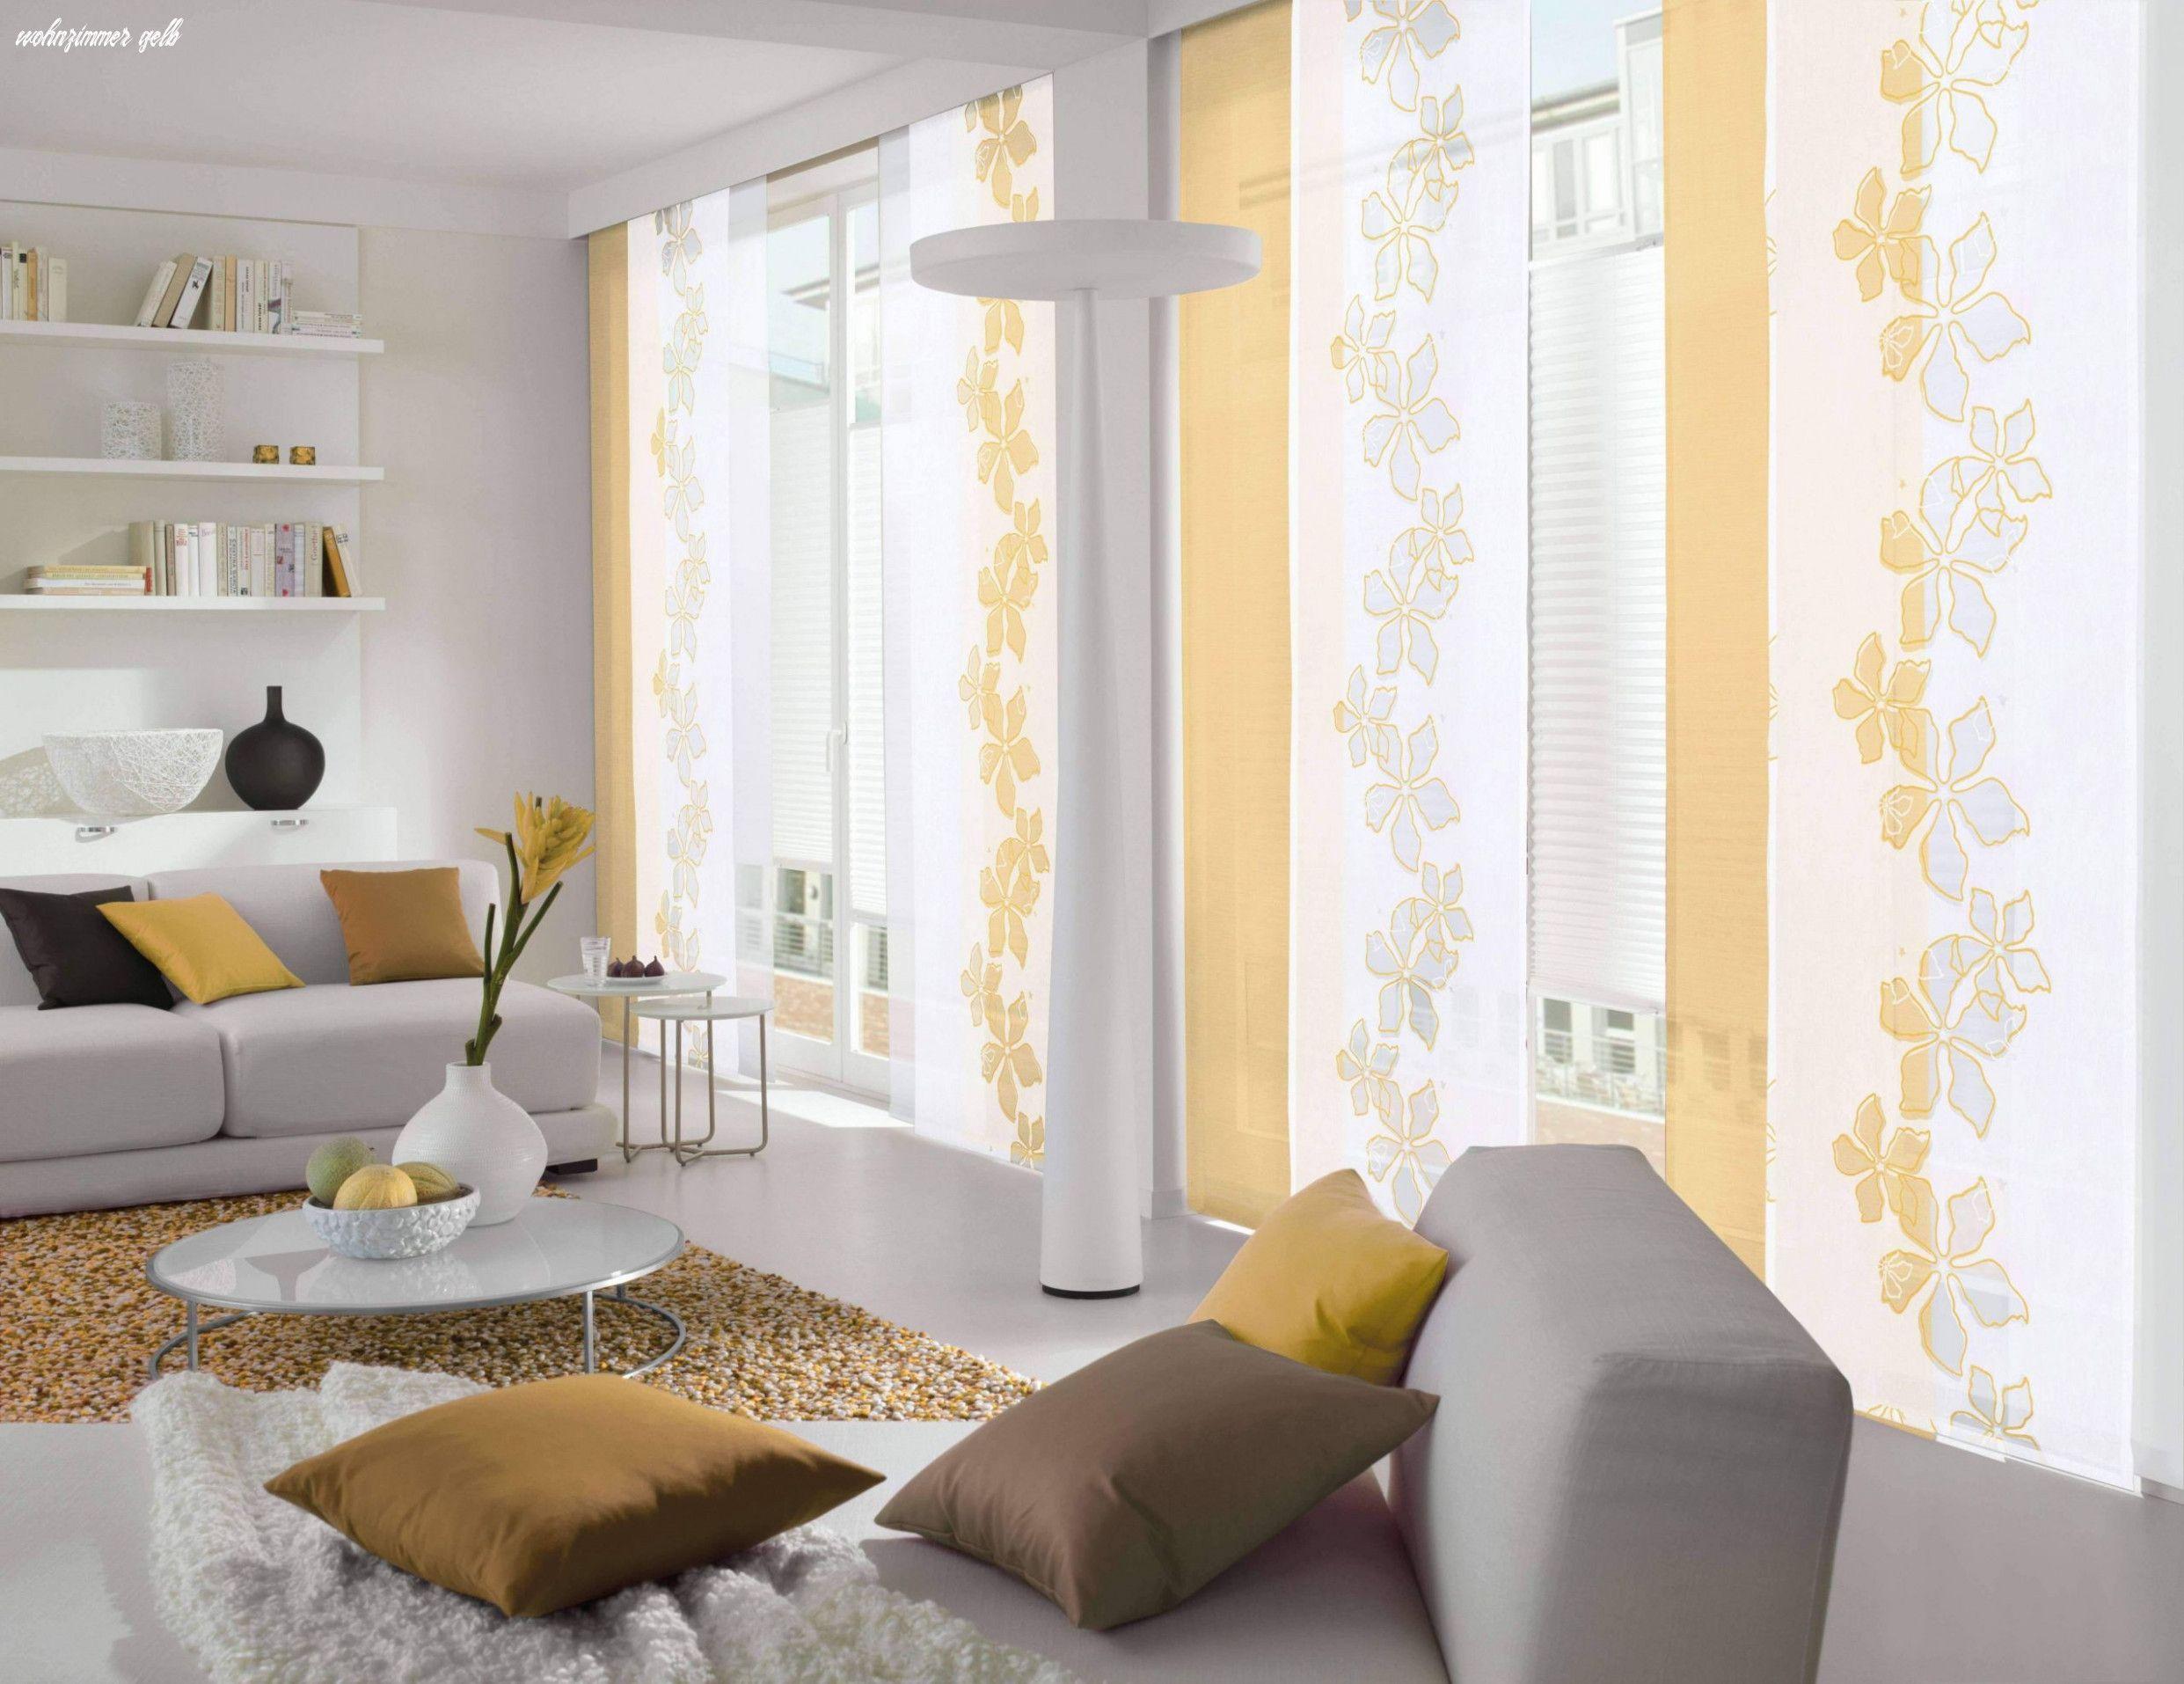 Beseitigen Sie Ihre Ängste Und Zweifel An Wohnzimmer Gelb Gardinen Wohnzimmer Modern Gardinen Wohnzimmer Wohnzimmer Design